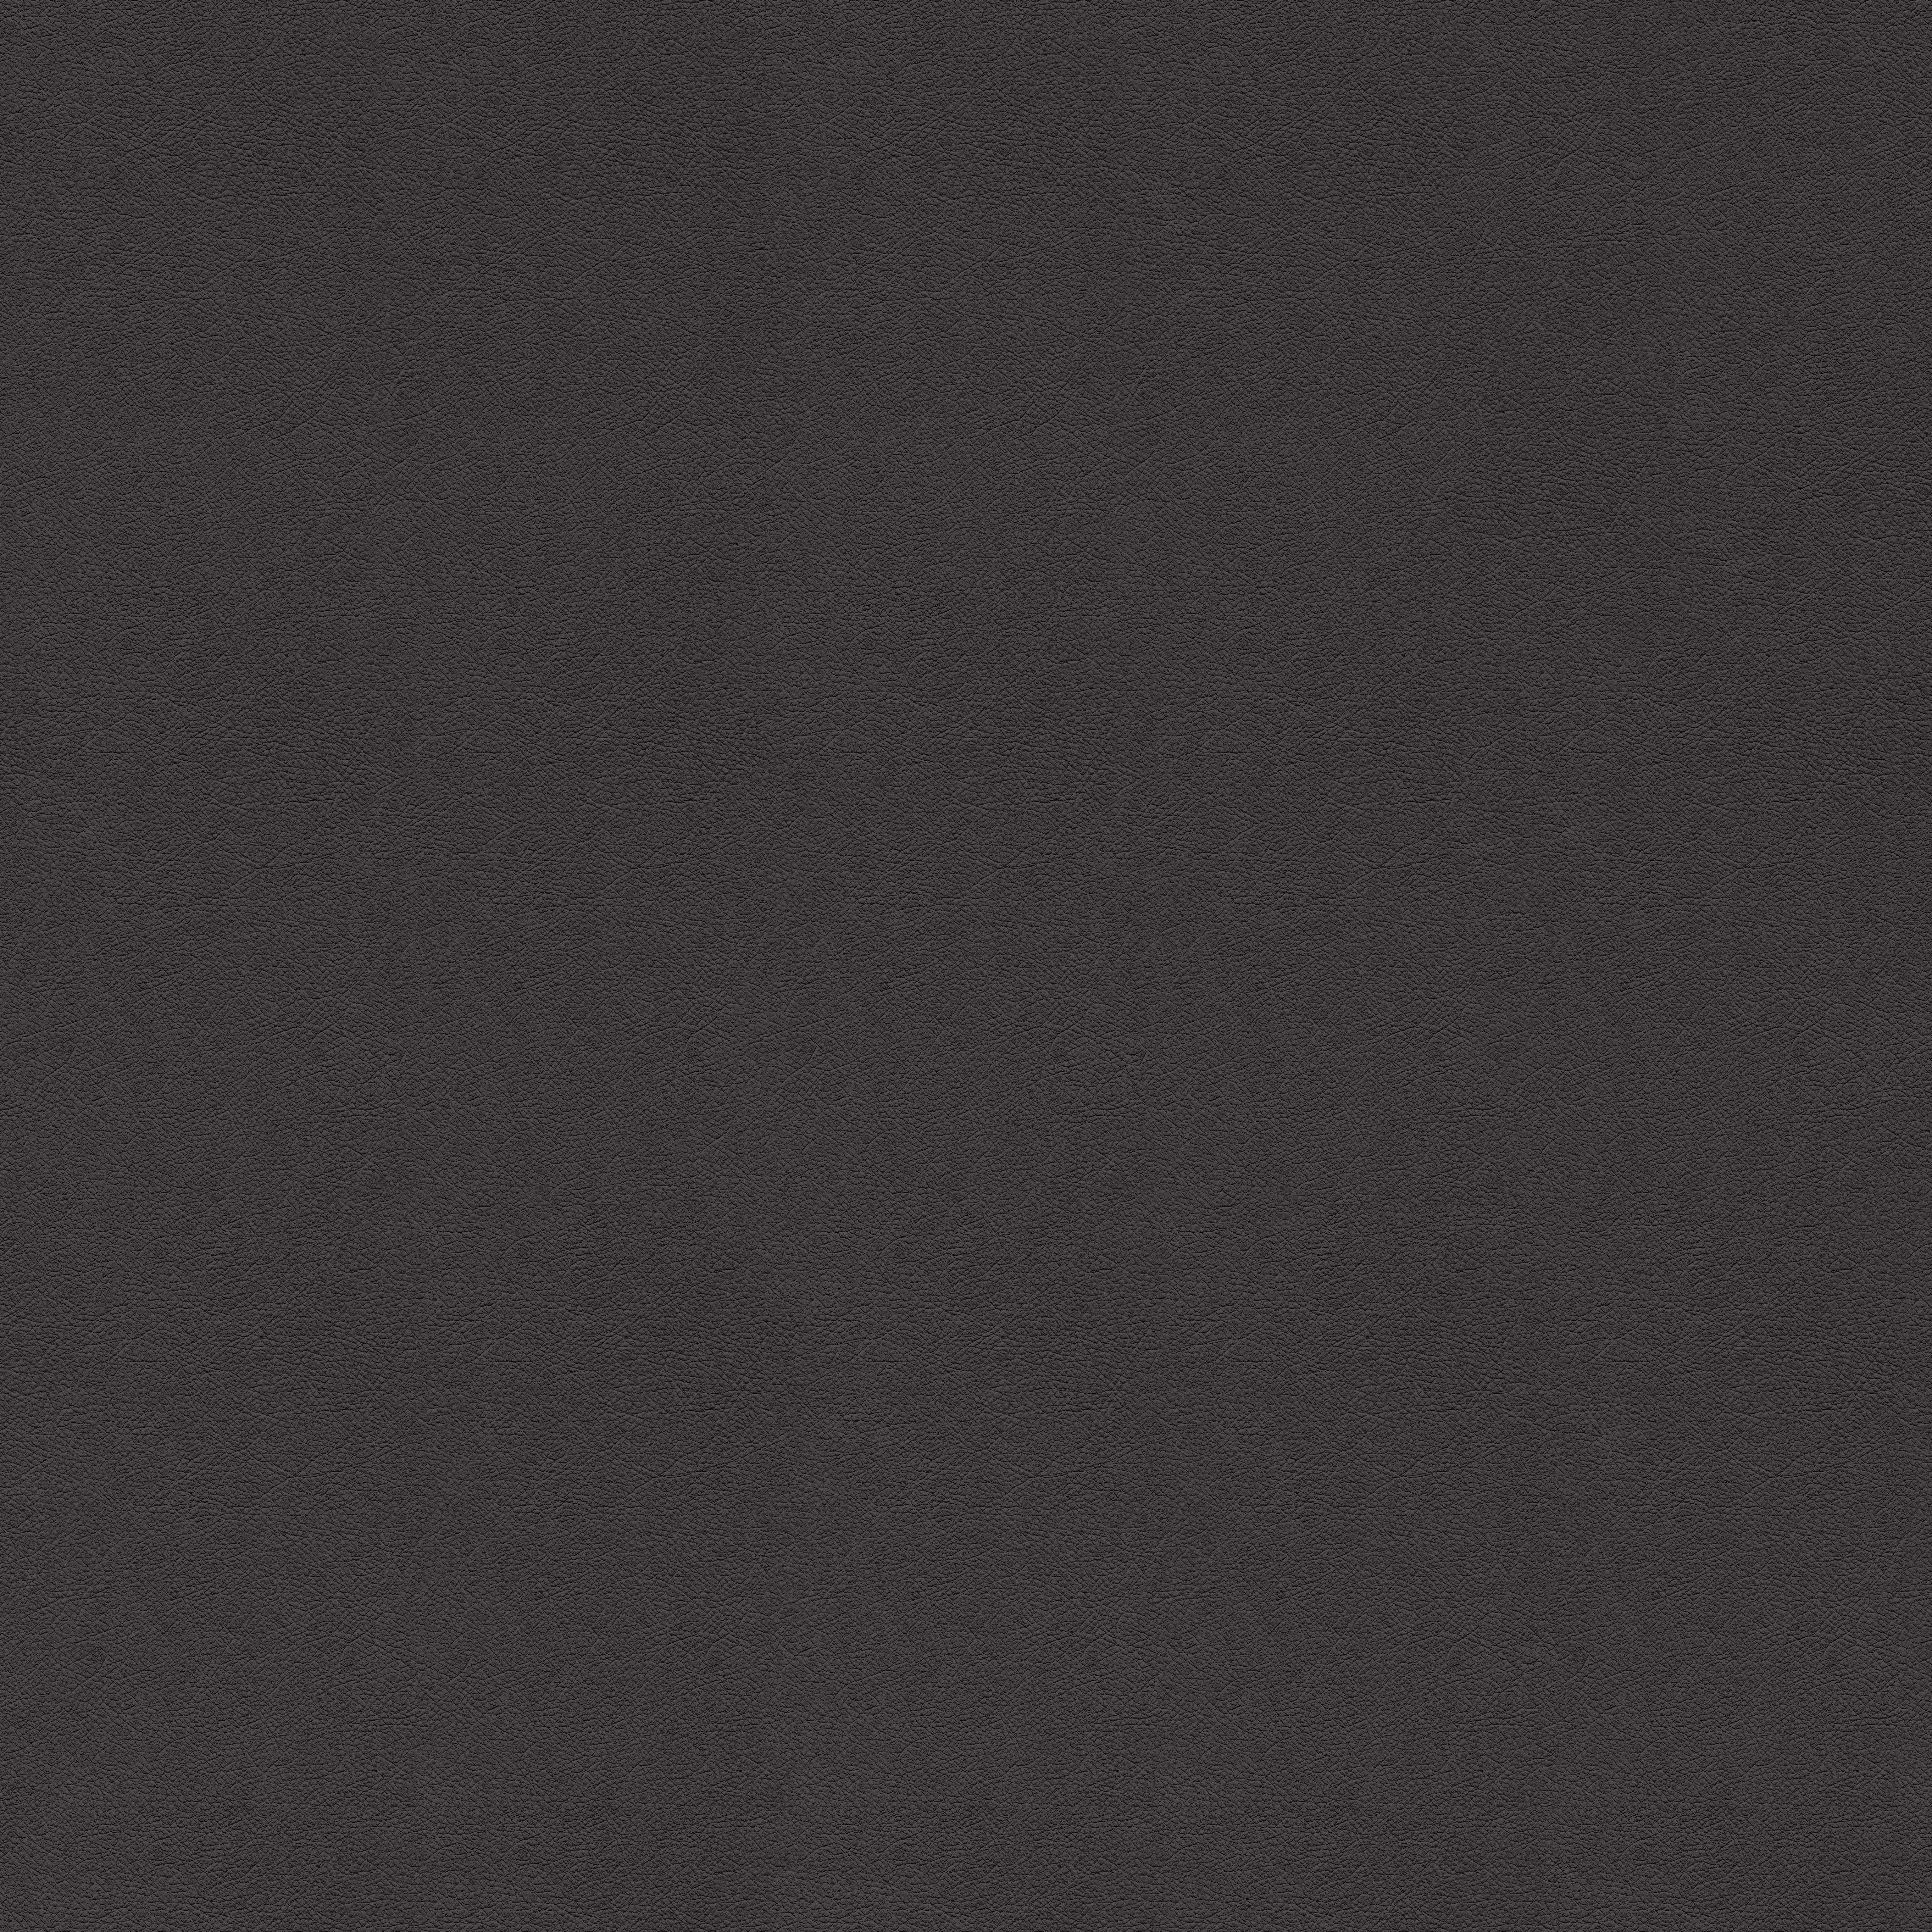 freneci 8X Bois Tissage Navette B/âtons Bois Tige M/étier /à Tisser Pull Approvisionnement Outils /à Main